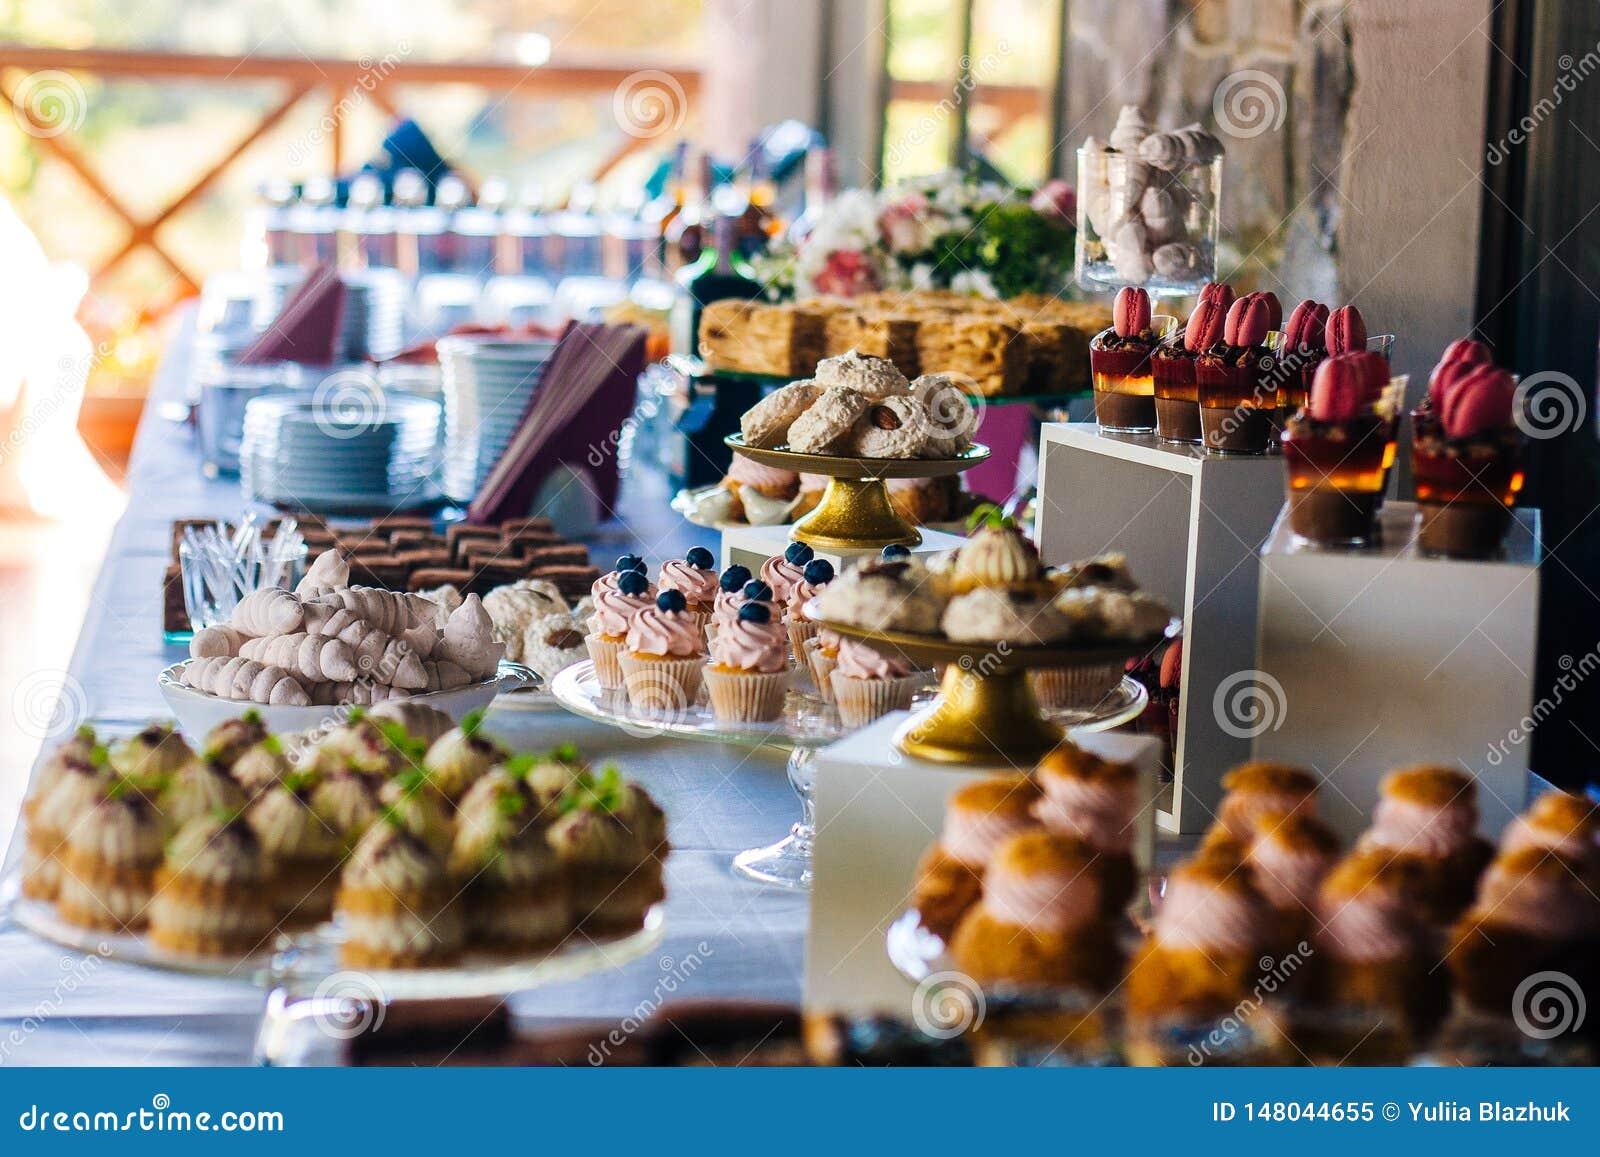 Suikergoedbar Lijst met verschillende cakes, suikergoed en desserts voor de partij